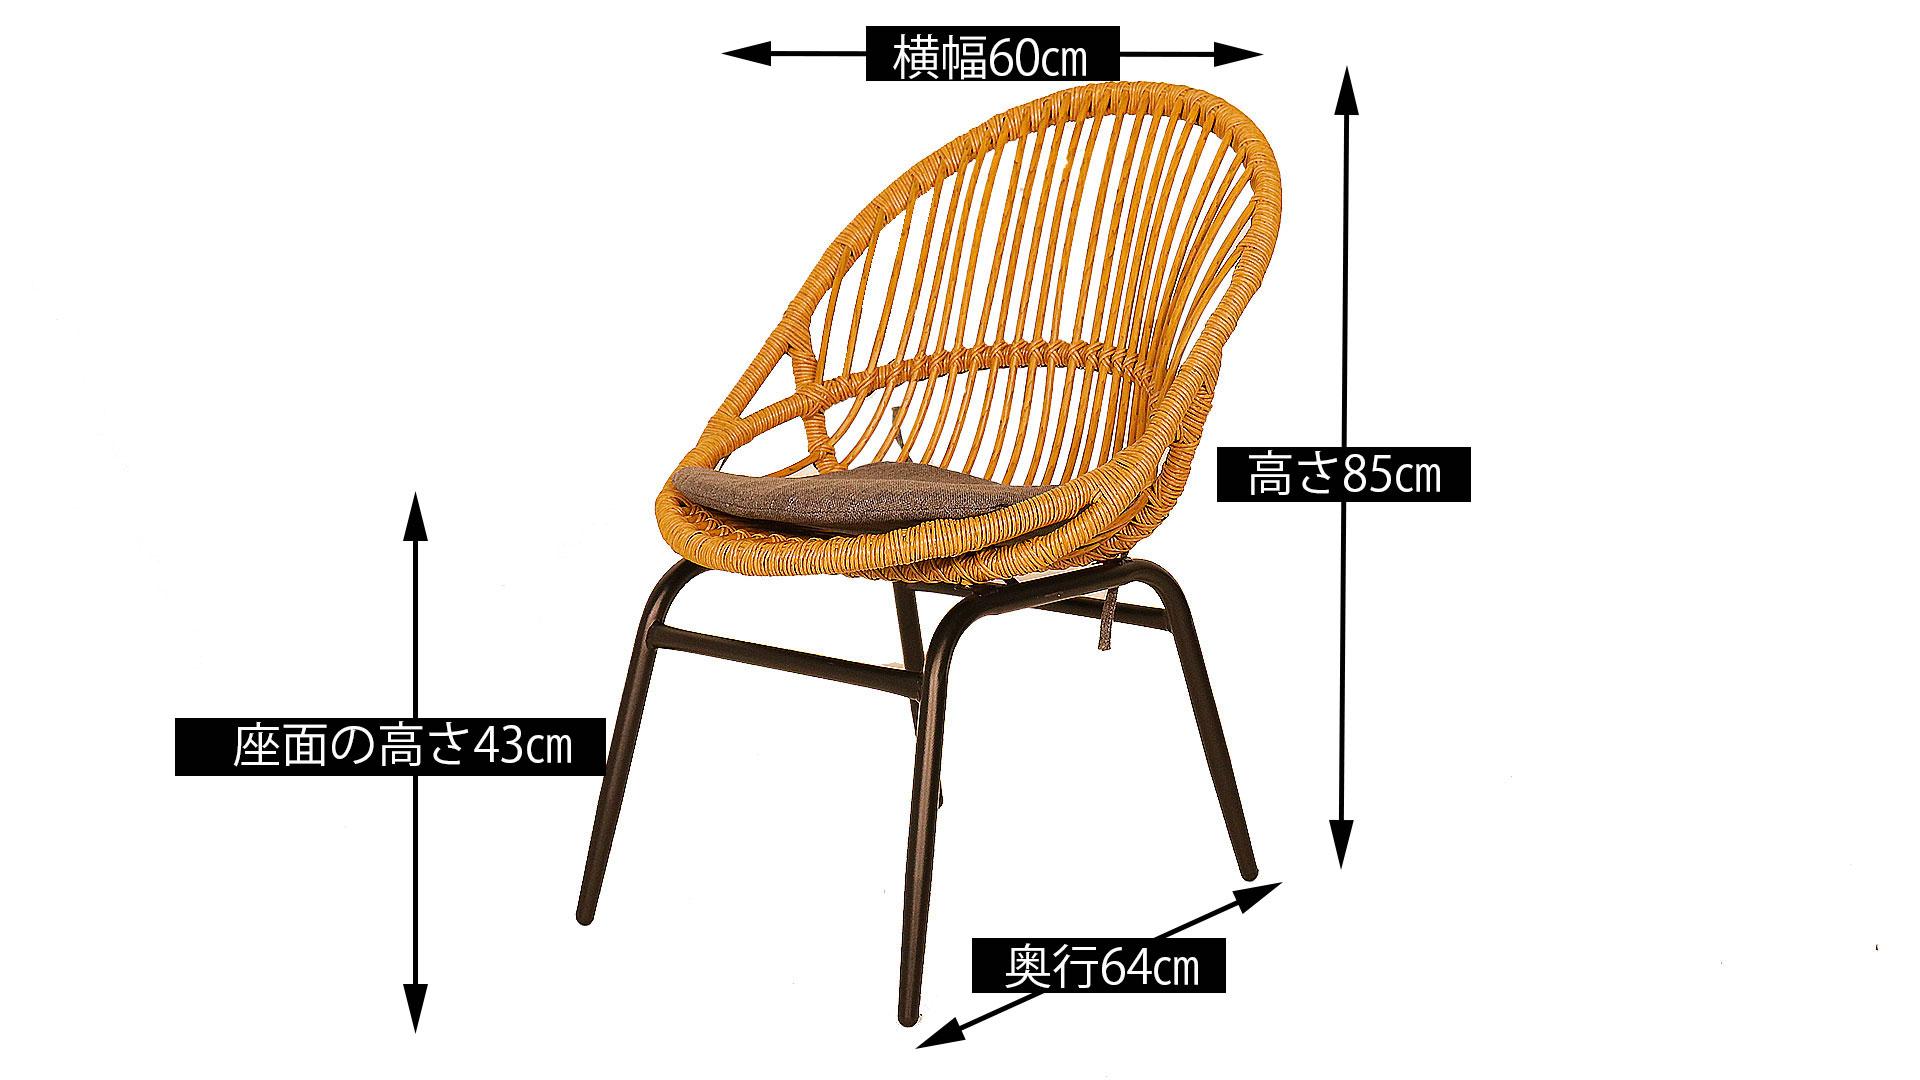 東馬のガーデンファニチャー。オーバルチェア、リゾネアの外用の椅子のサイズの画像